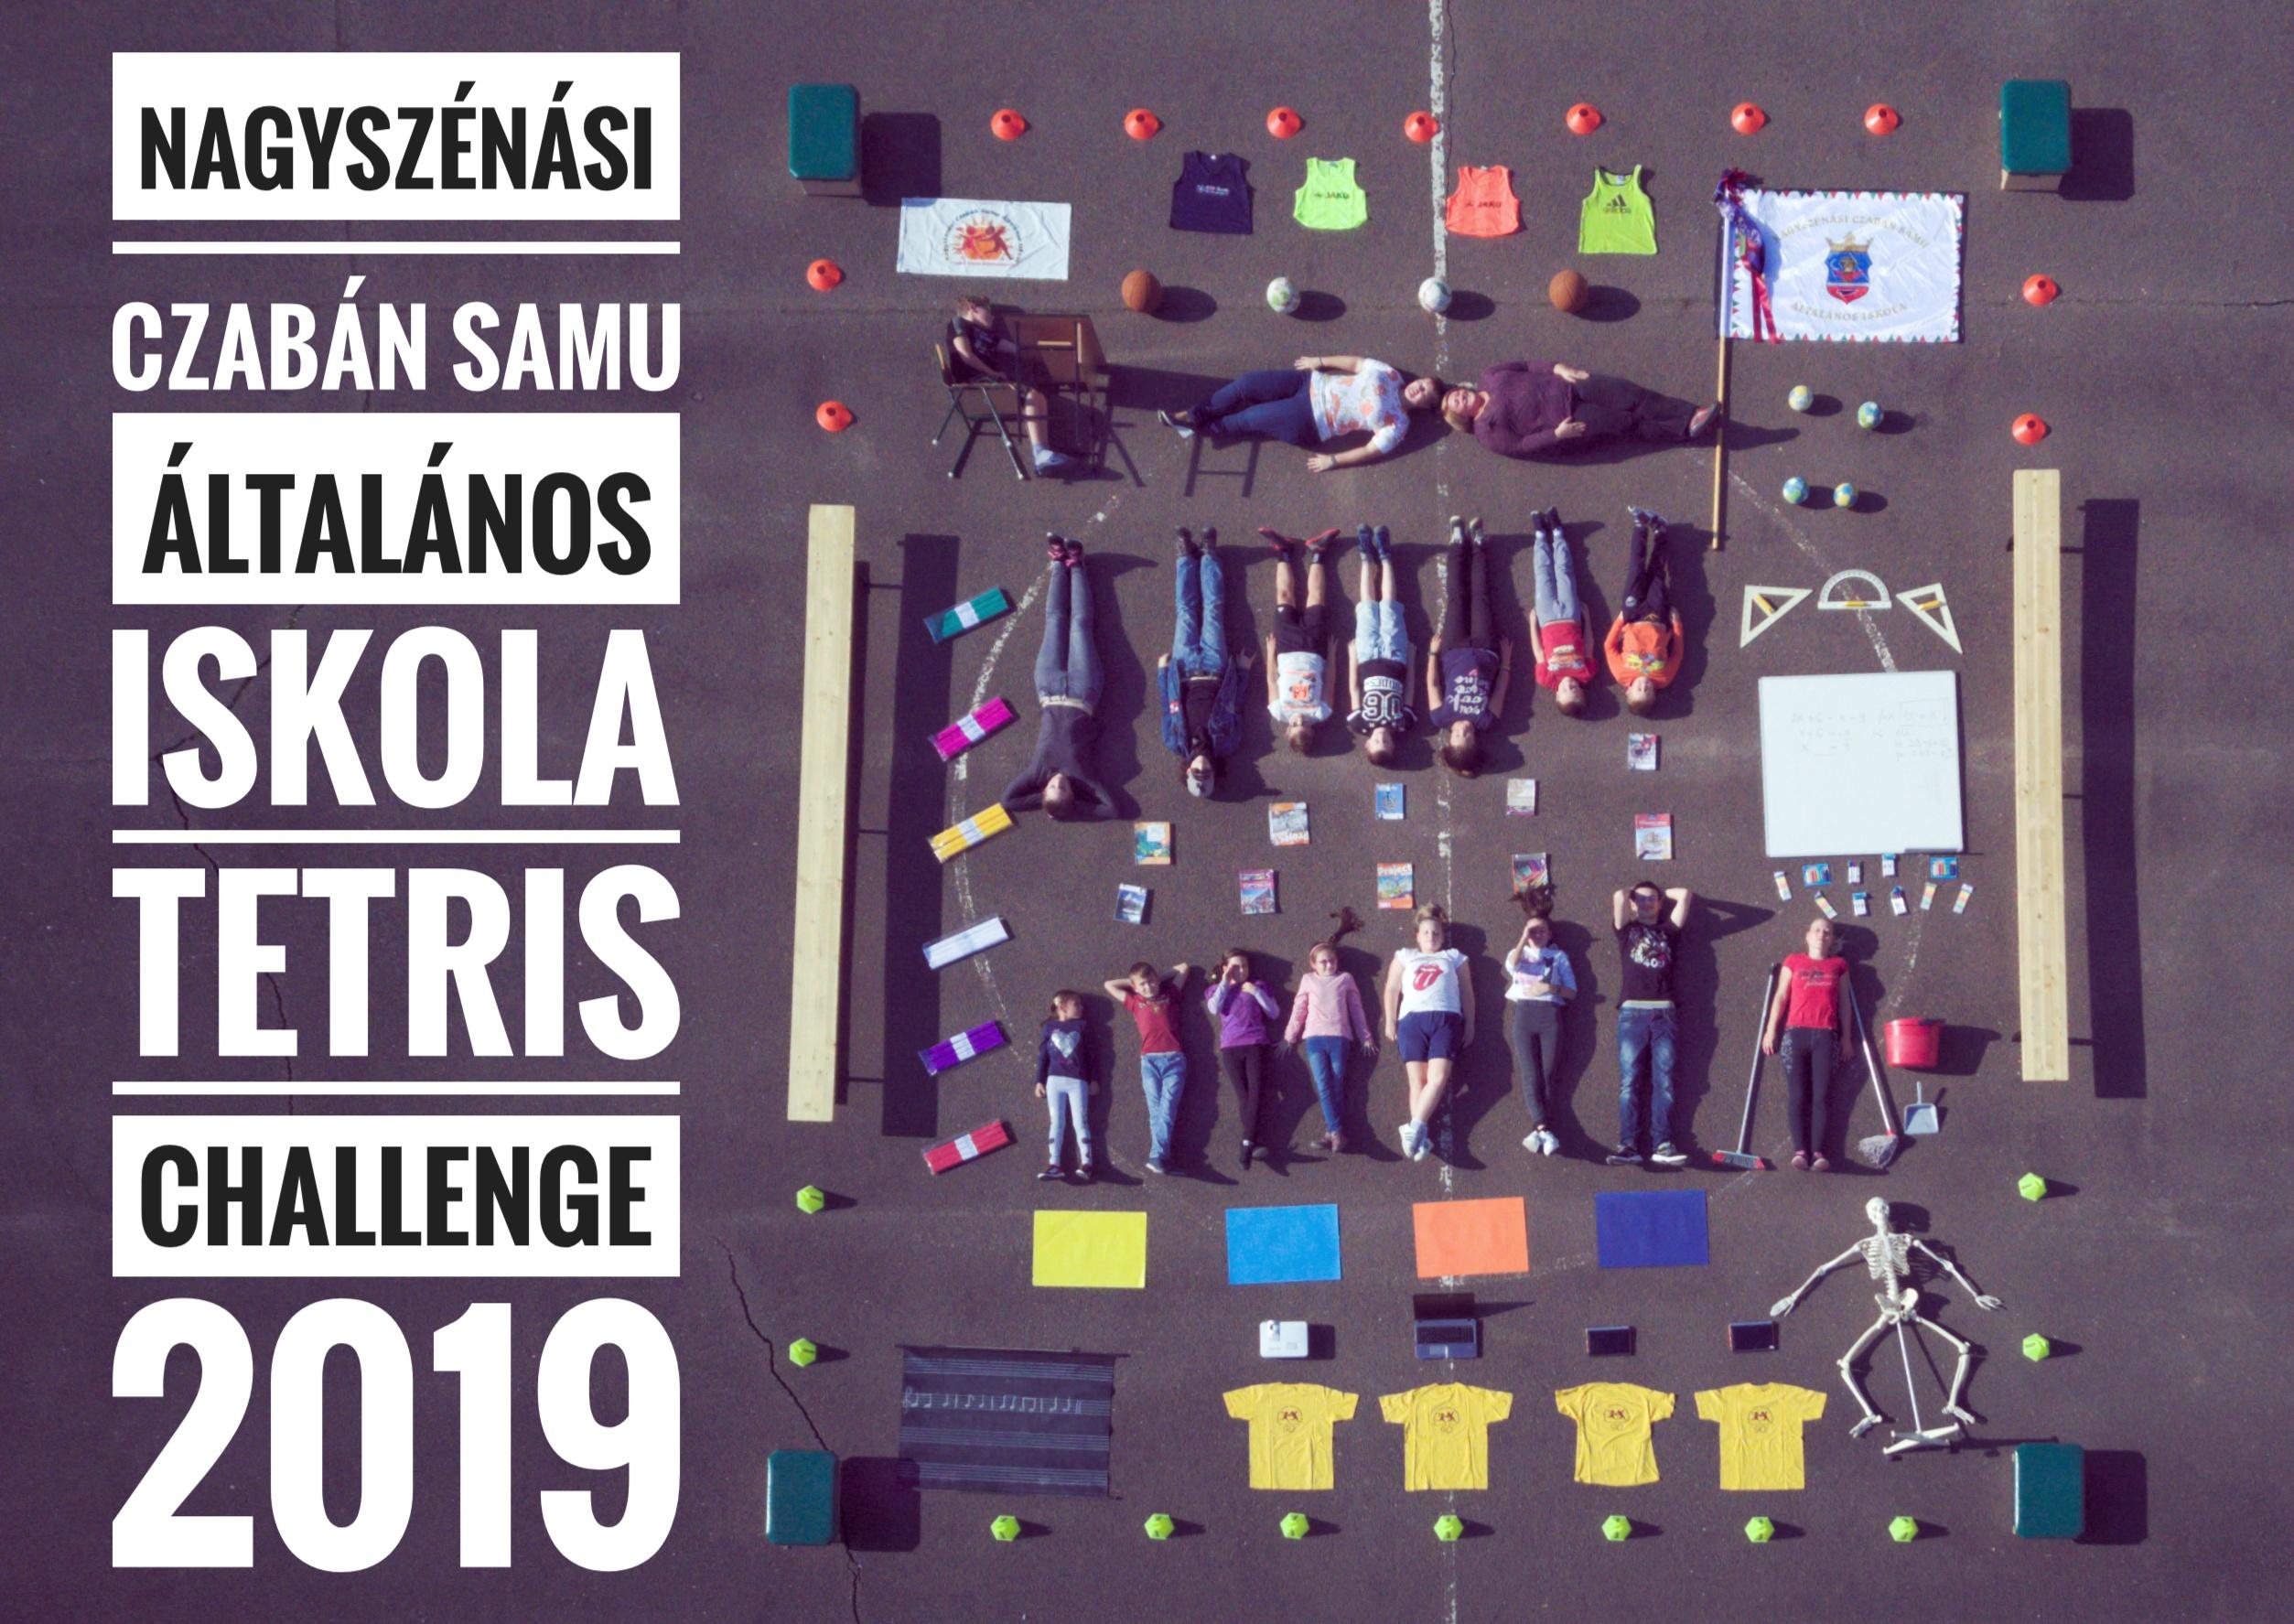 Nagyszénási Czabán Samu Általános Iskola TETRIS Challenge 2019